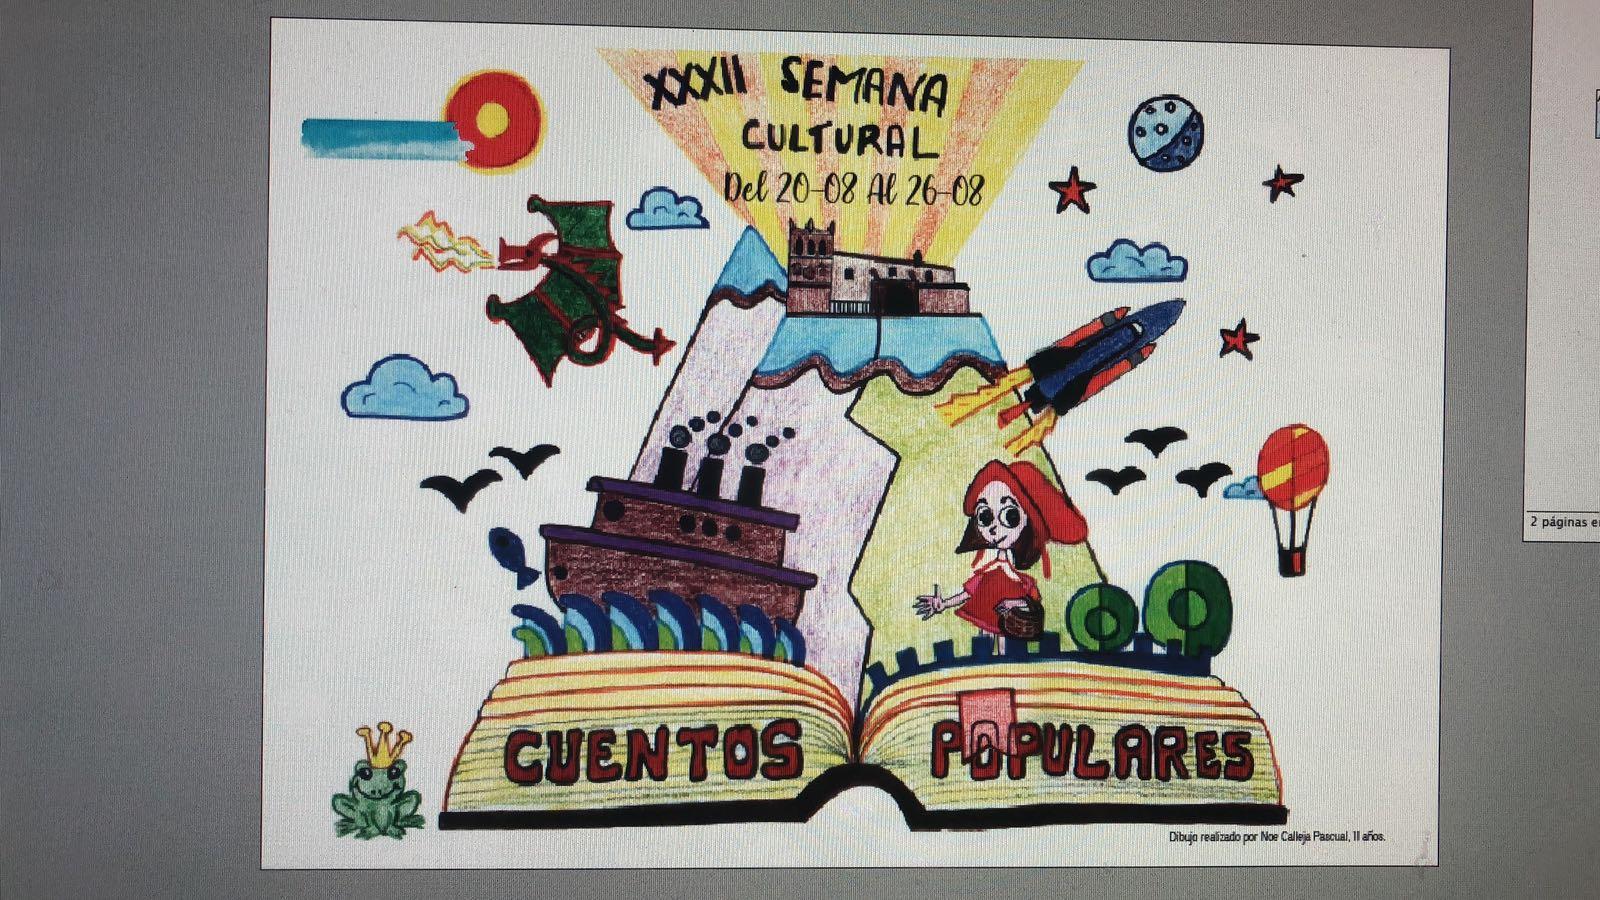 Del 20 al 26 de agosto, XXXII Semana Cultural en Morón de Almazán   Imagen 1